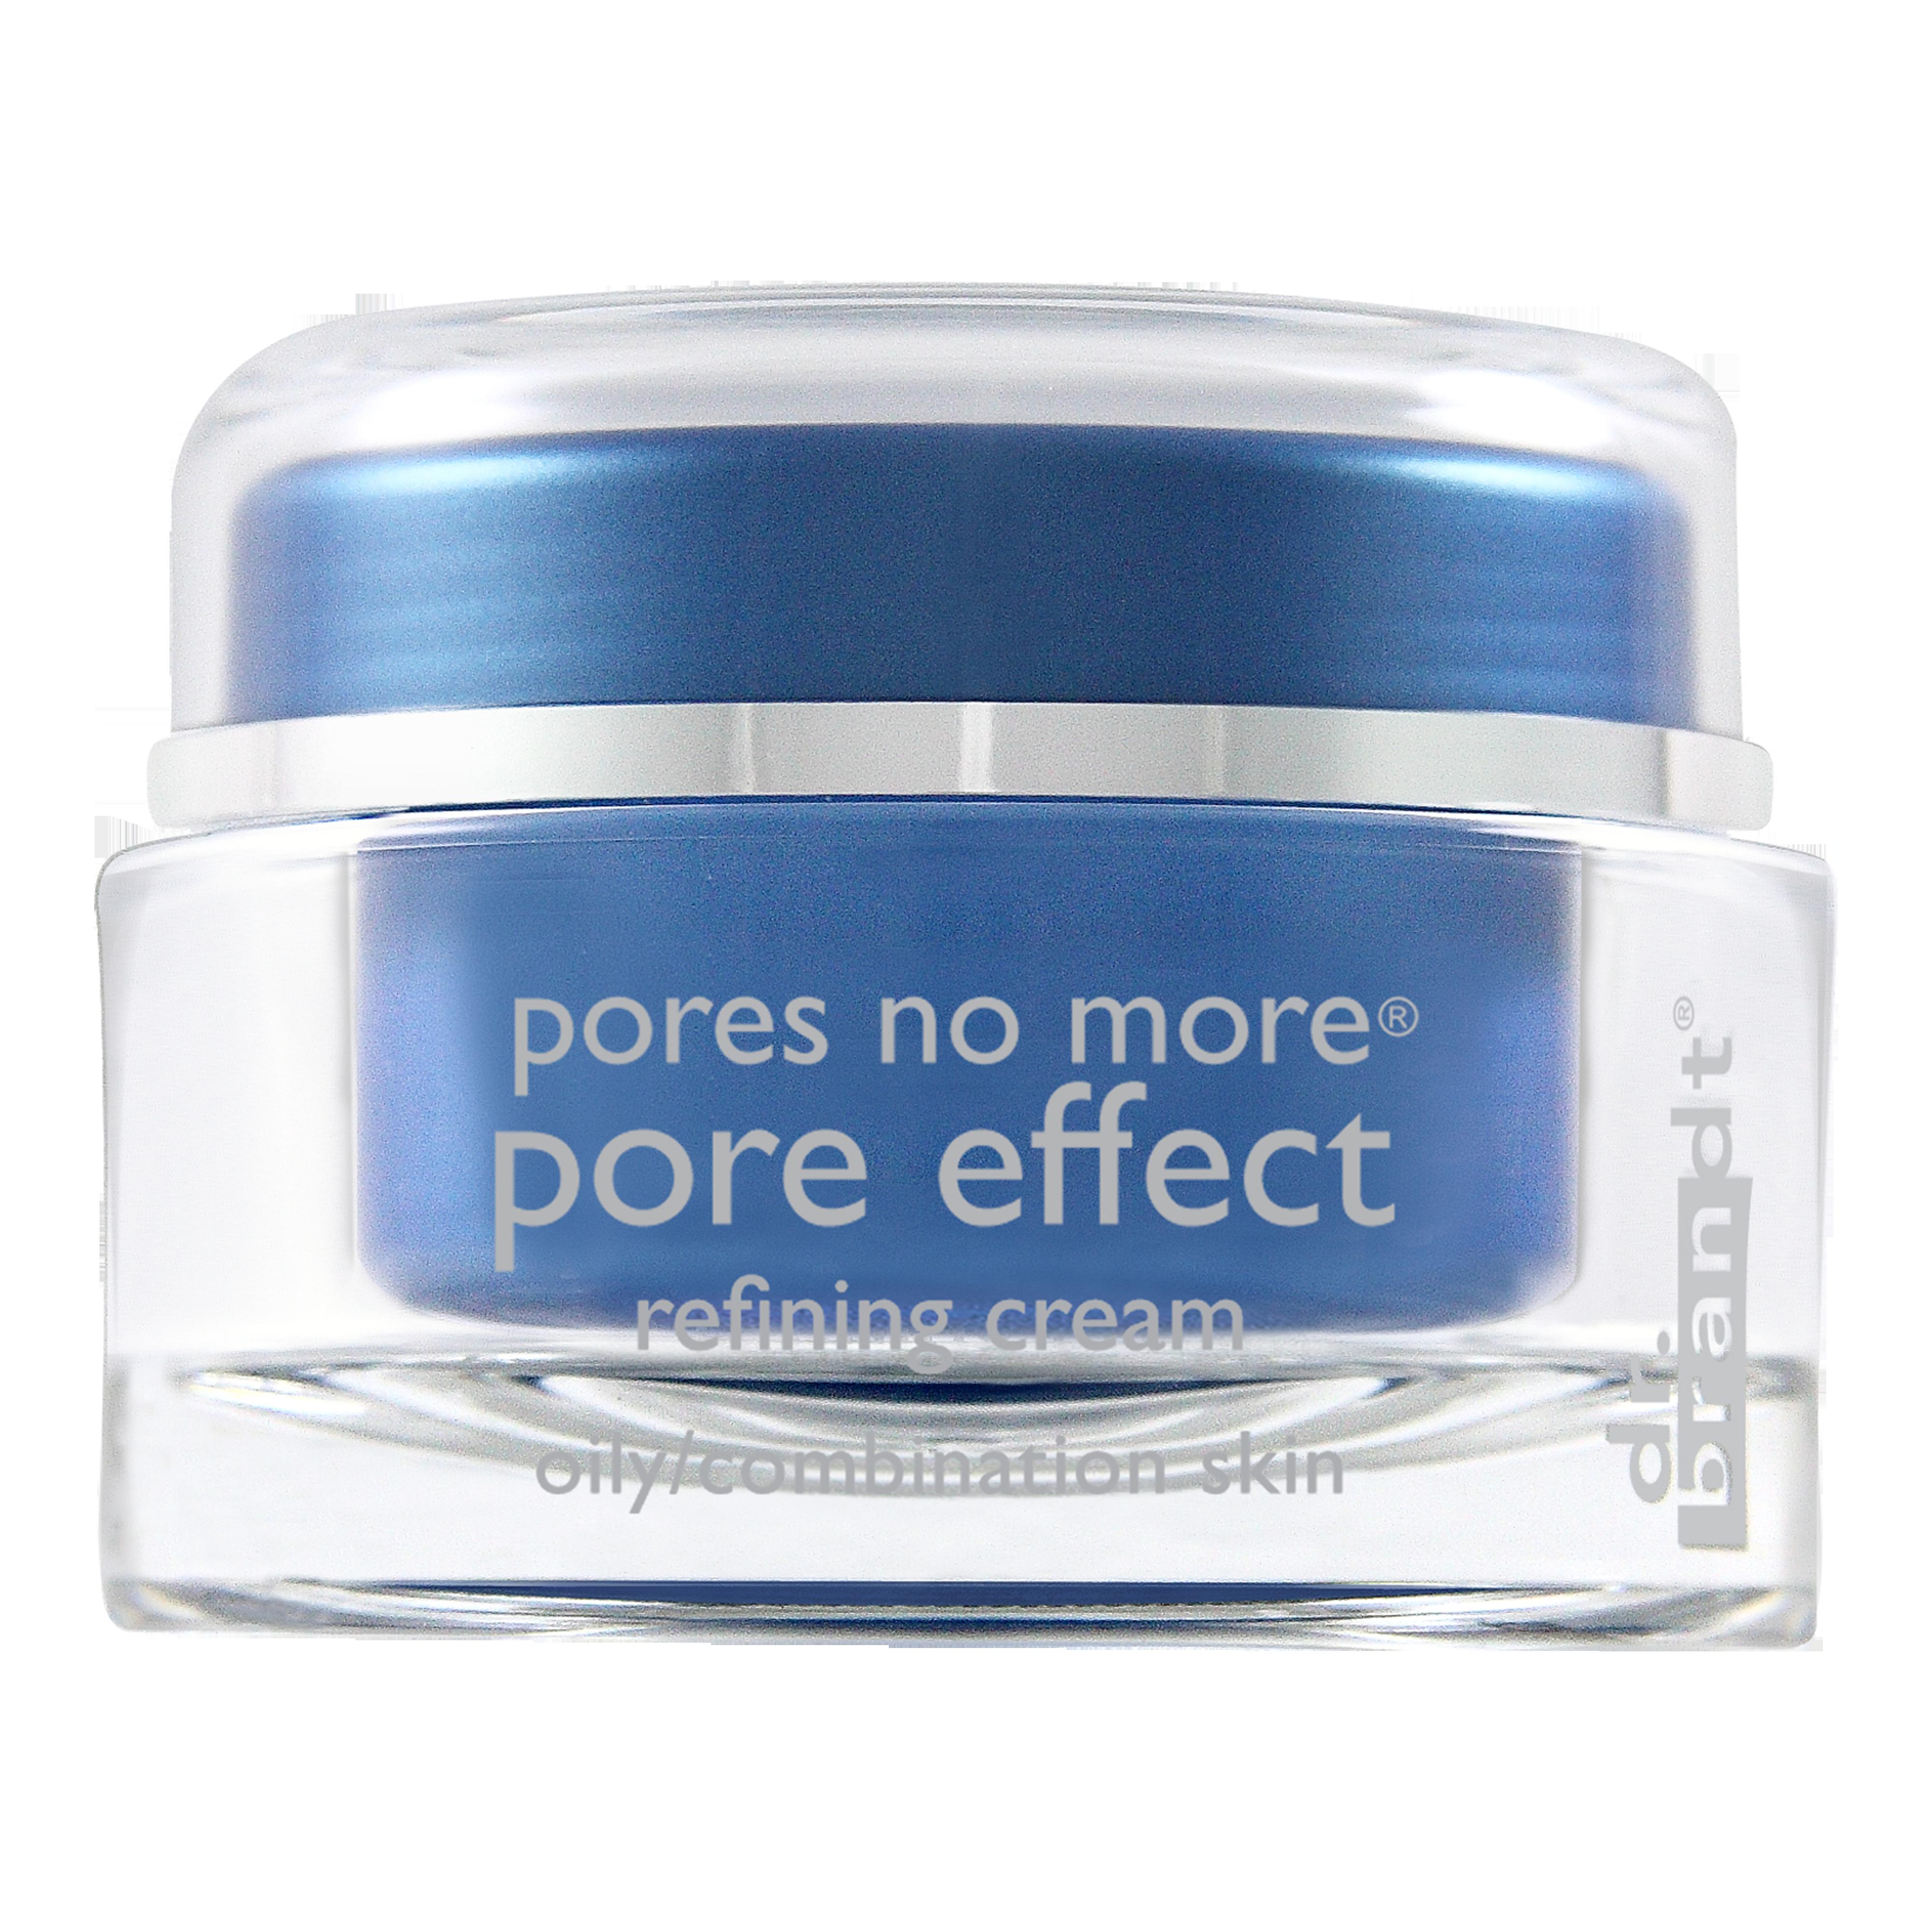 Pores No More Pore Effect Refining Cream